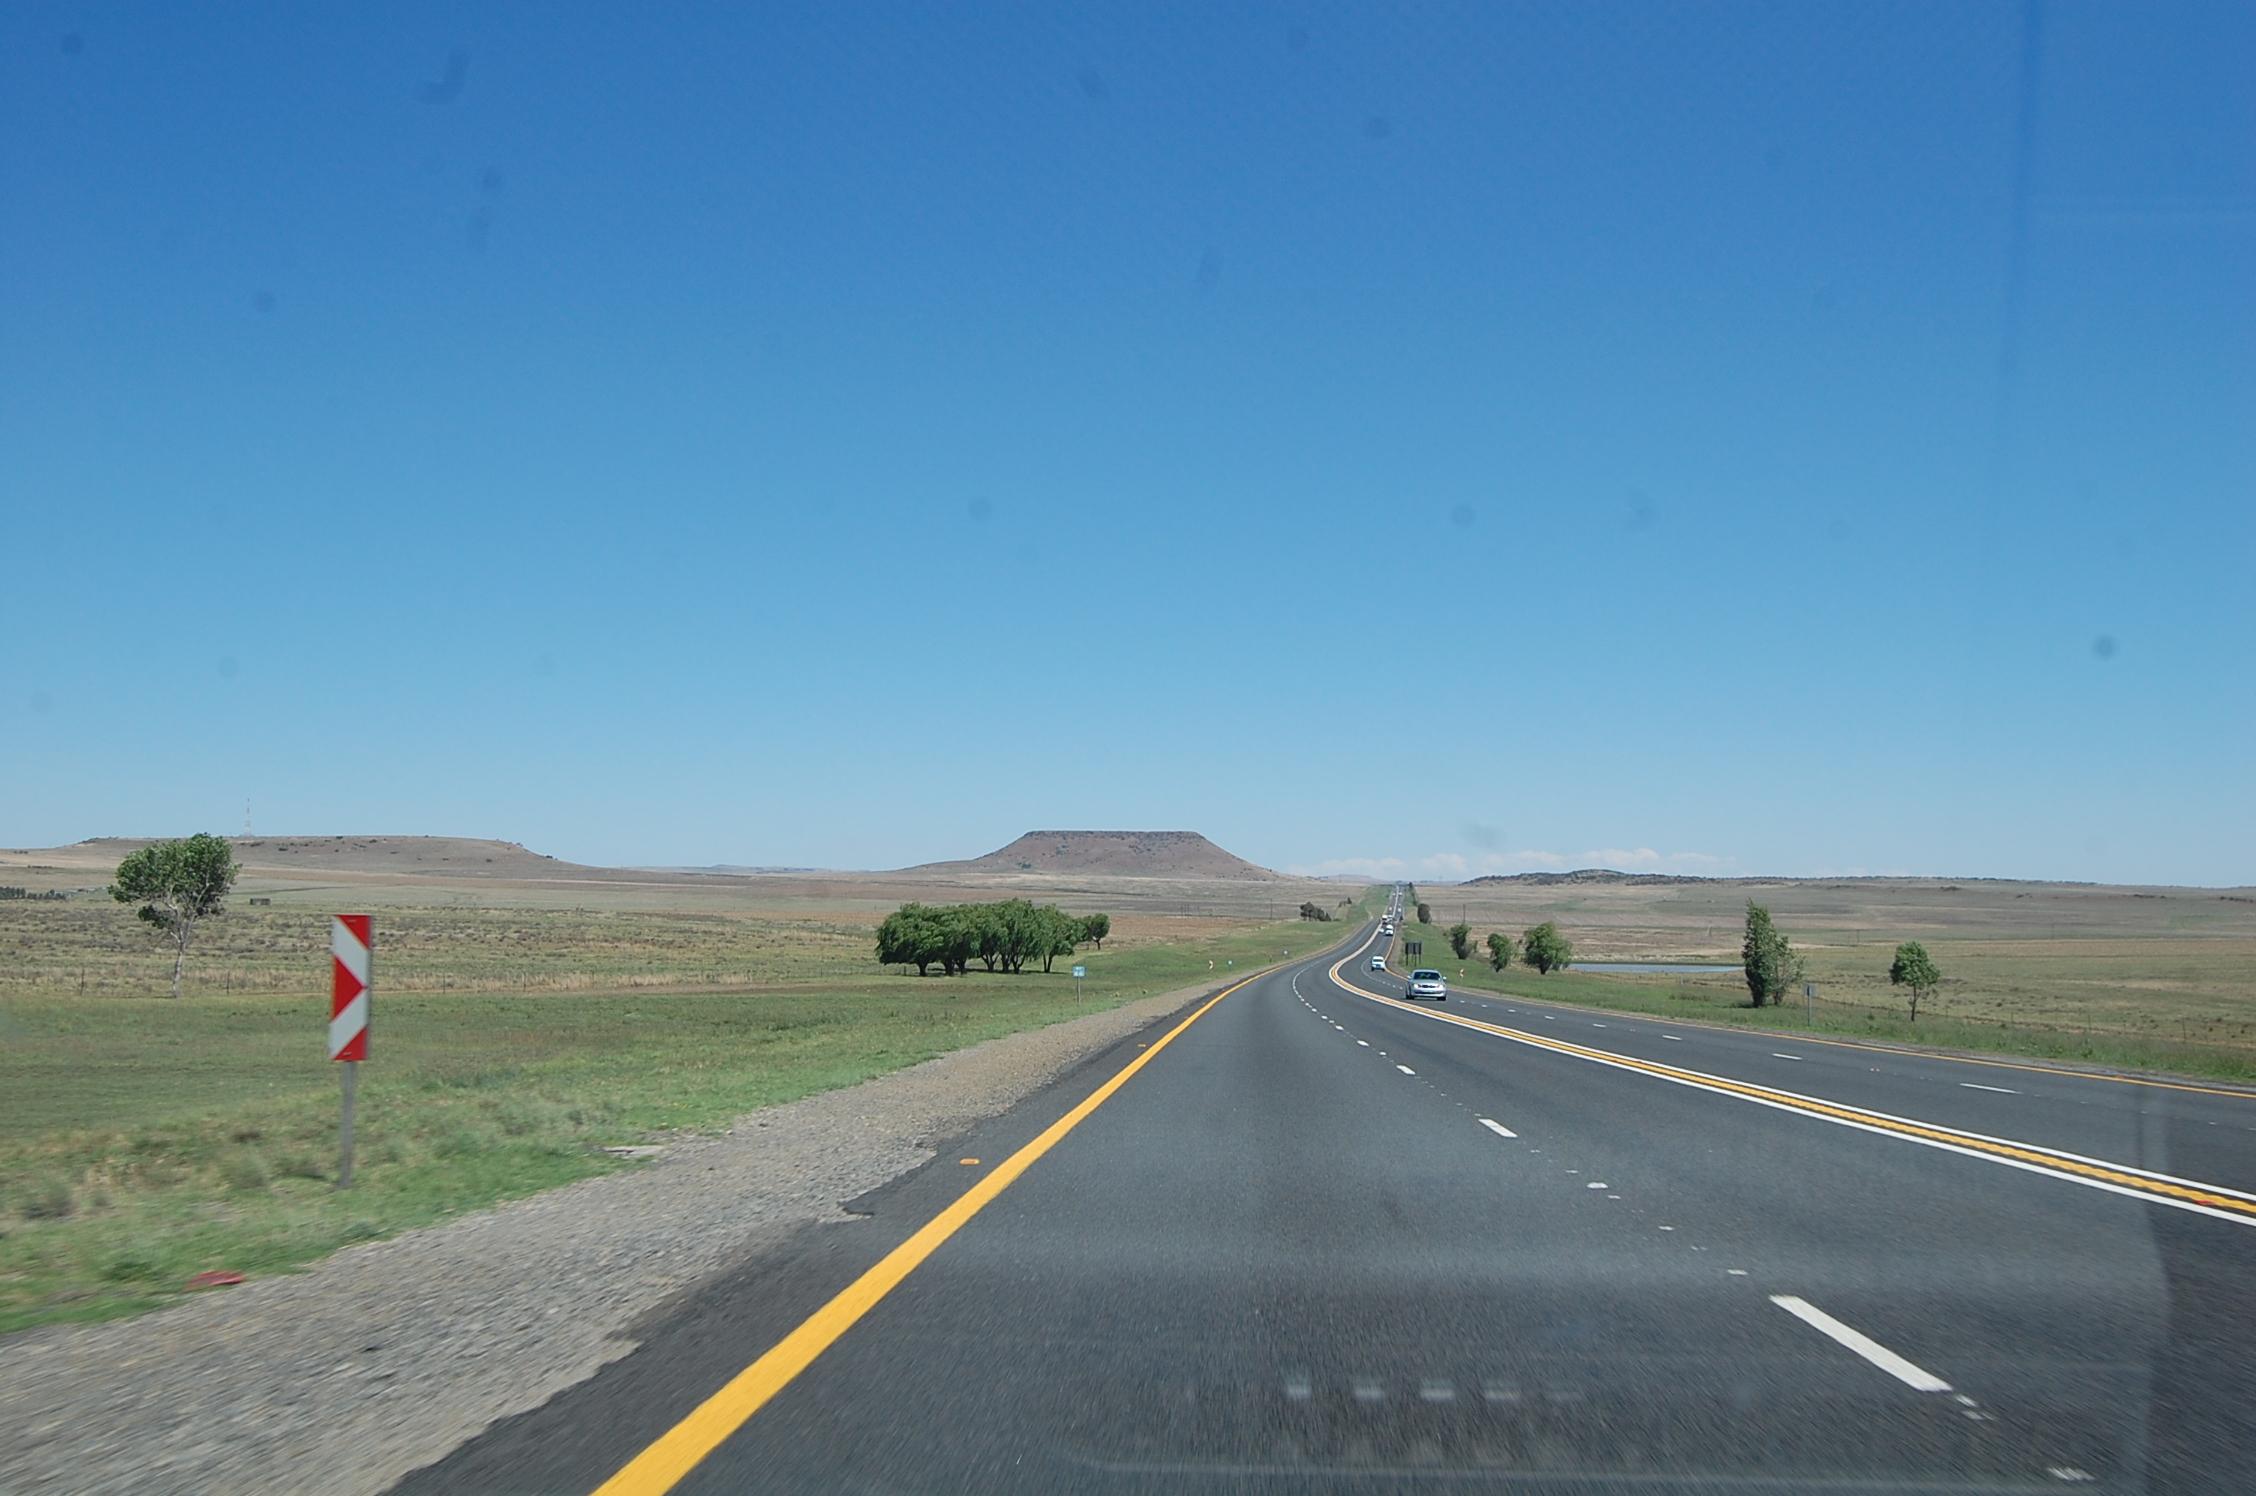 Подъезд к Дракенсбергу. Трасса Йоханнесбург-Дурбан